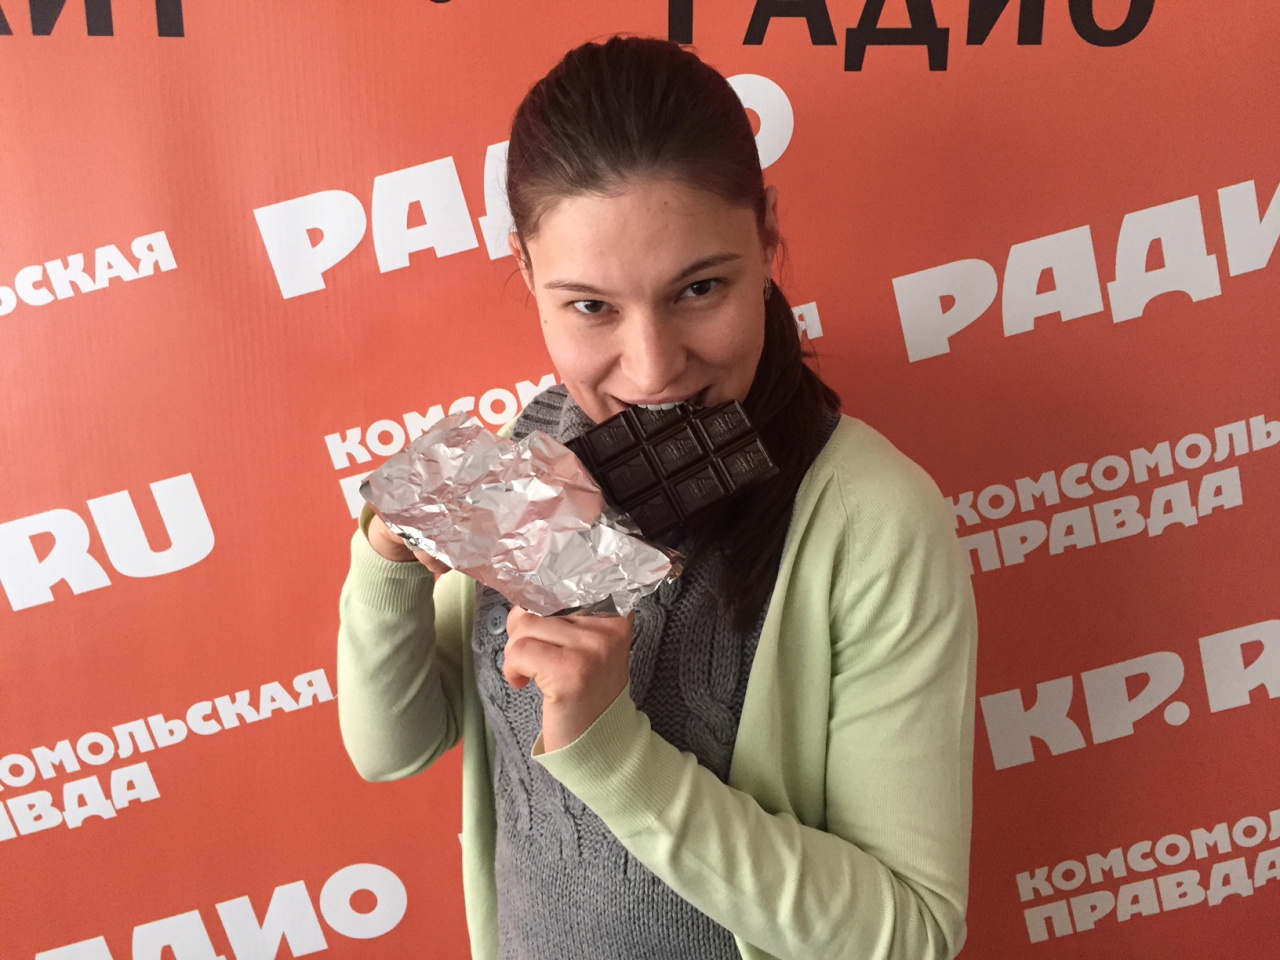 Беларусь предлагает запретить в ЕАЭС продажу шоколада с пальмовым маслом